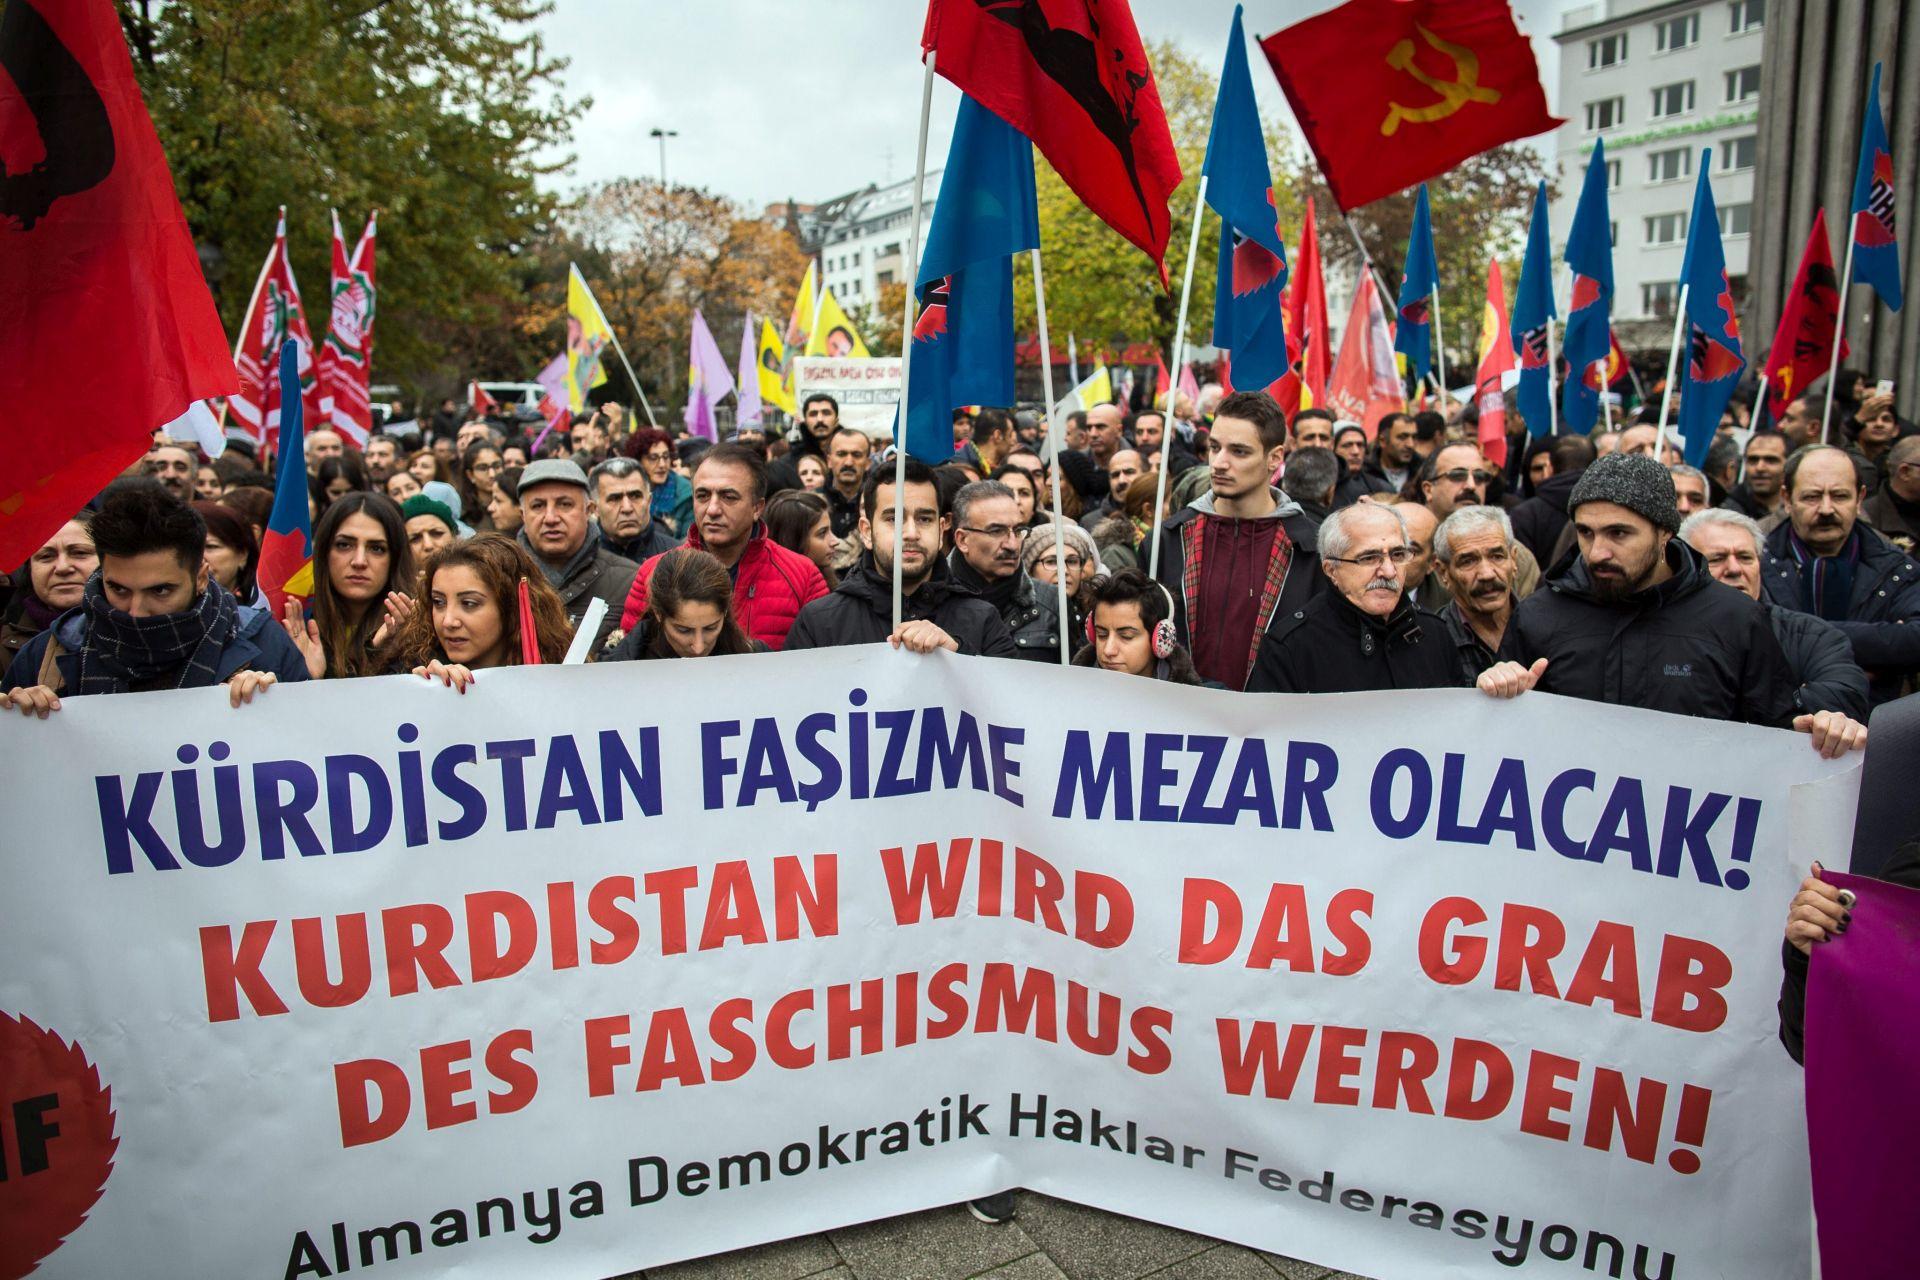 PROSVJED U KOELNU: Njemački Kurdi protiv uhićenja zastupnika HDP-a u Turskoj